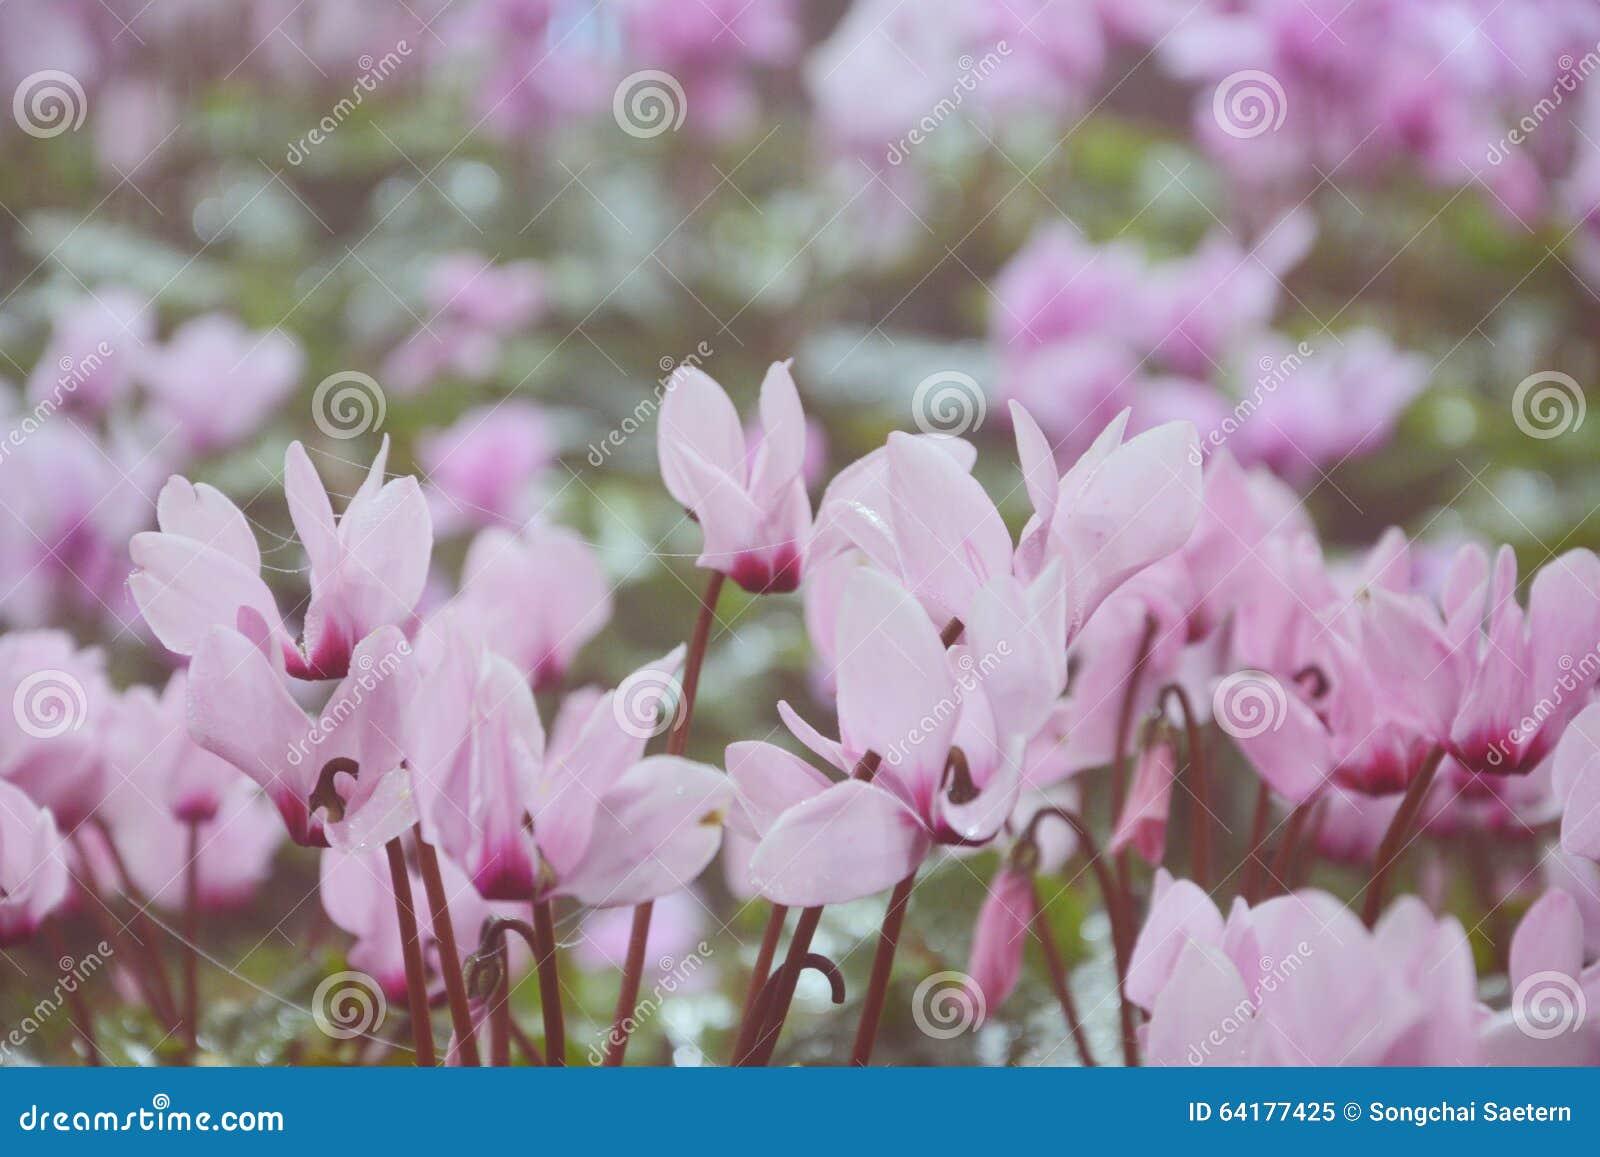 fleur blanche et rose image stock image du fond. Black Bedroom Furniture Sets. Home Design Ideas